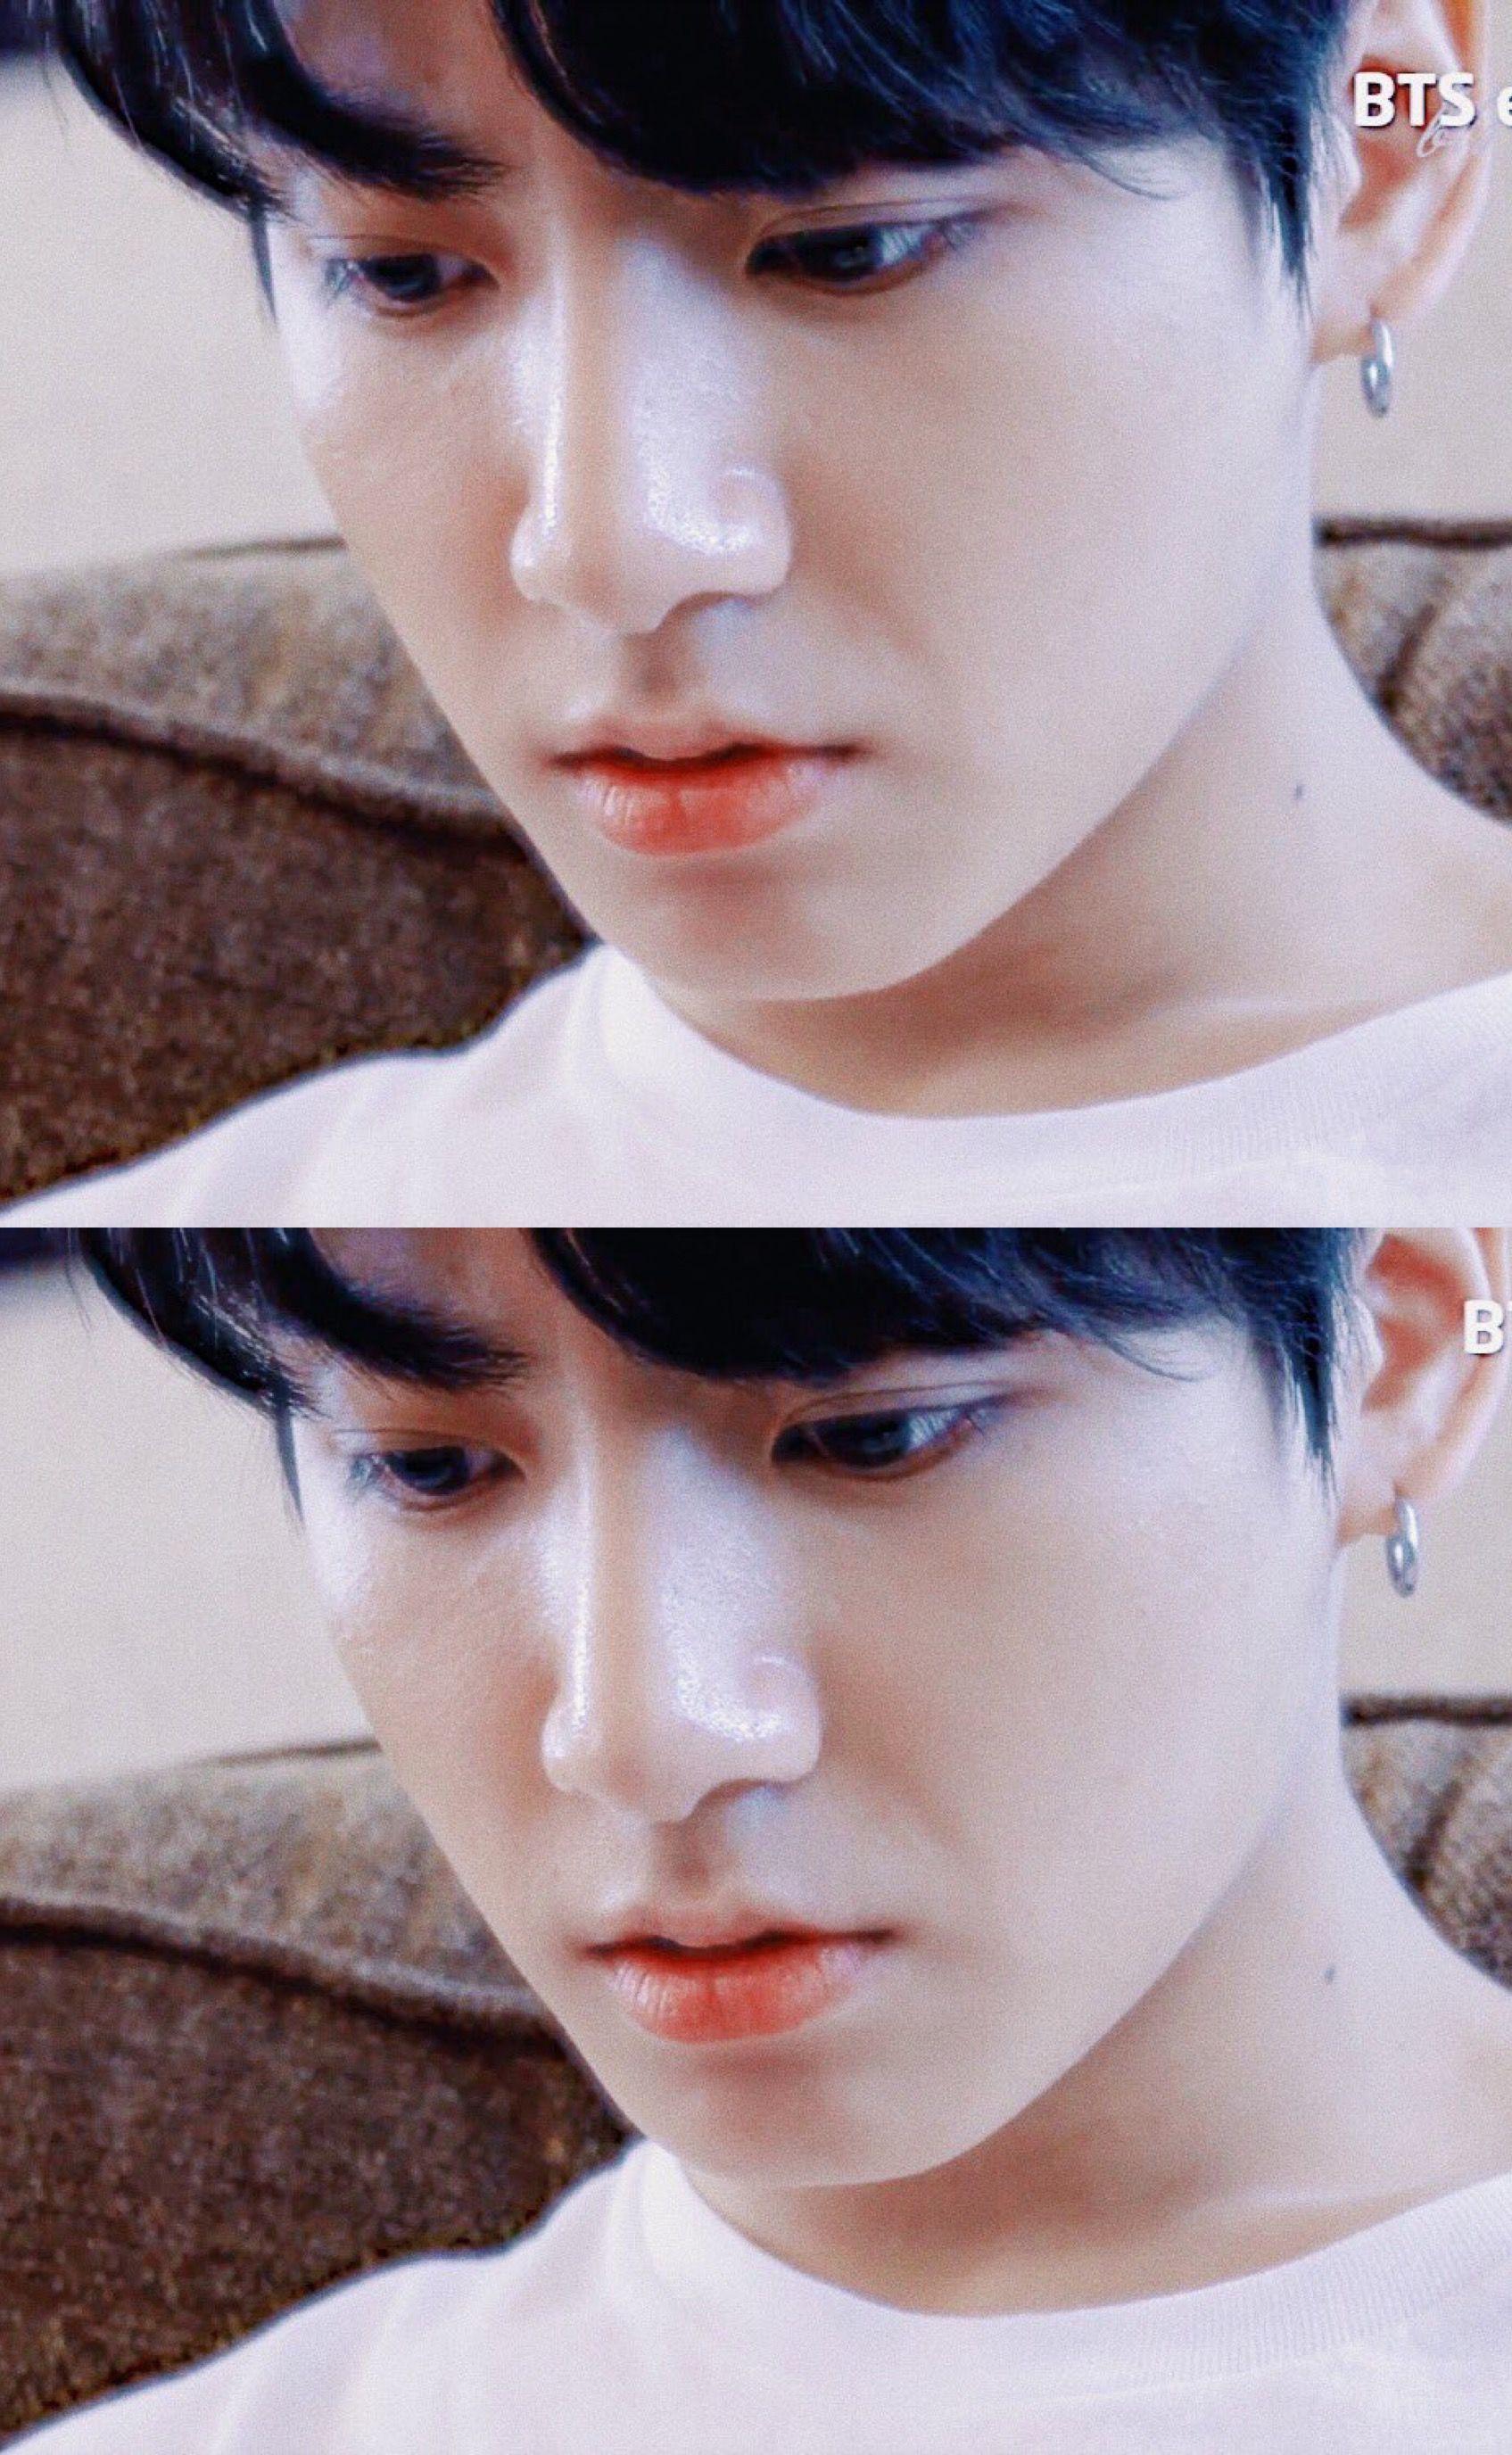 Yoongi nose piercing  JUNGKOOK   EPISODE BTS 방탄소년단  AMAs   BTS